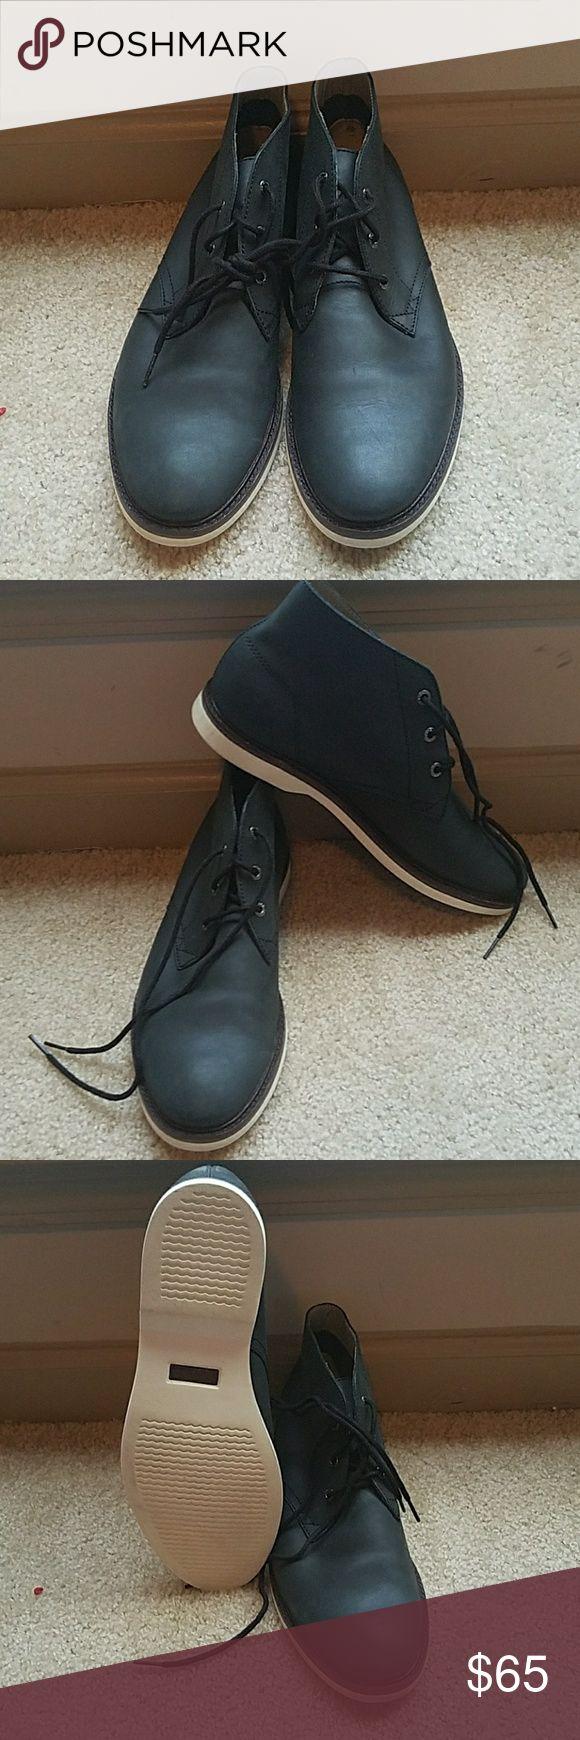 Men's Lacoste shoes  SZ 10 color is blue Men's  Lacoste  shoes SZ 10 color is  blue  these shoes  are stylish  for men. Lacoste Shoes